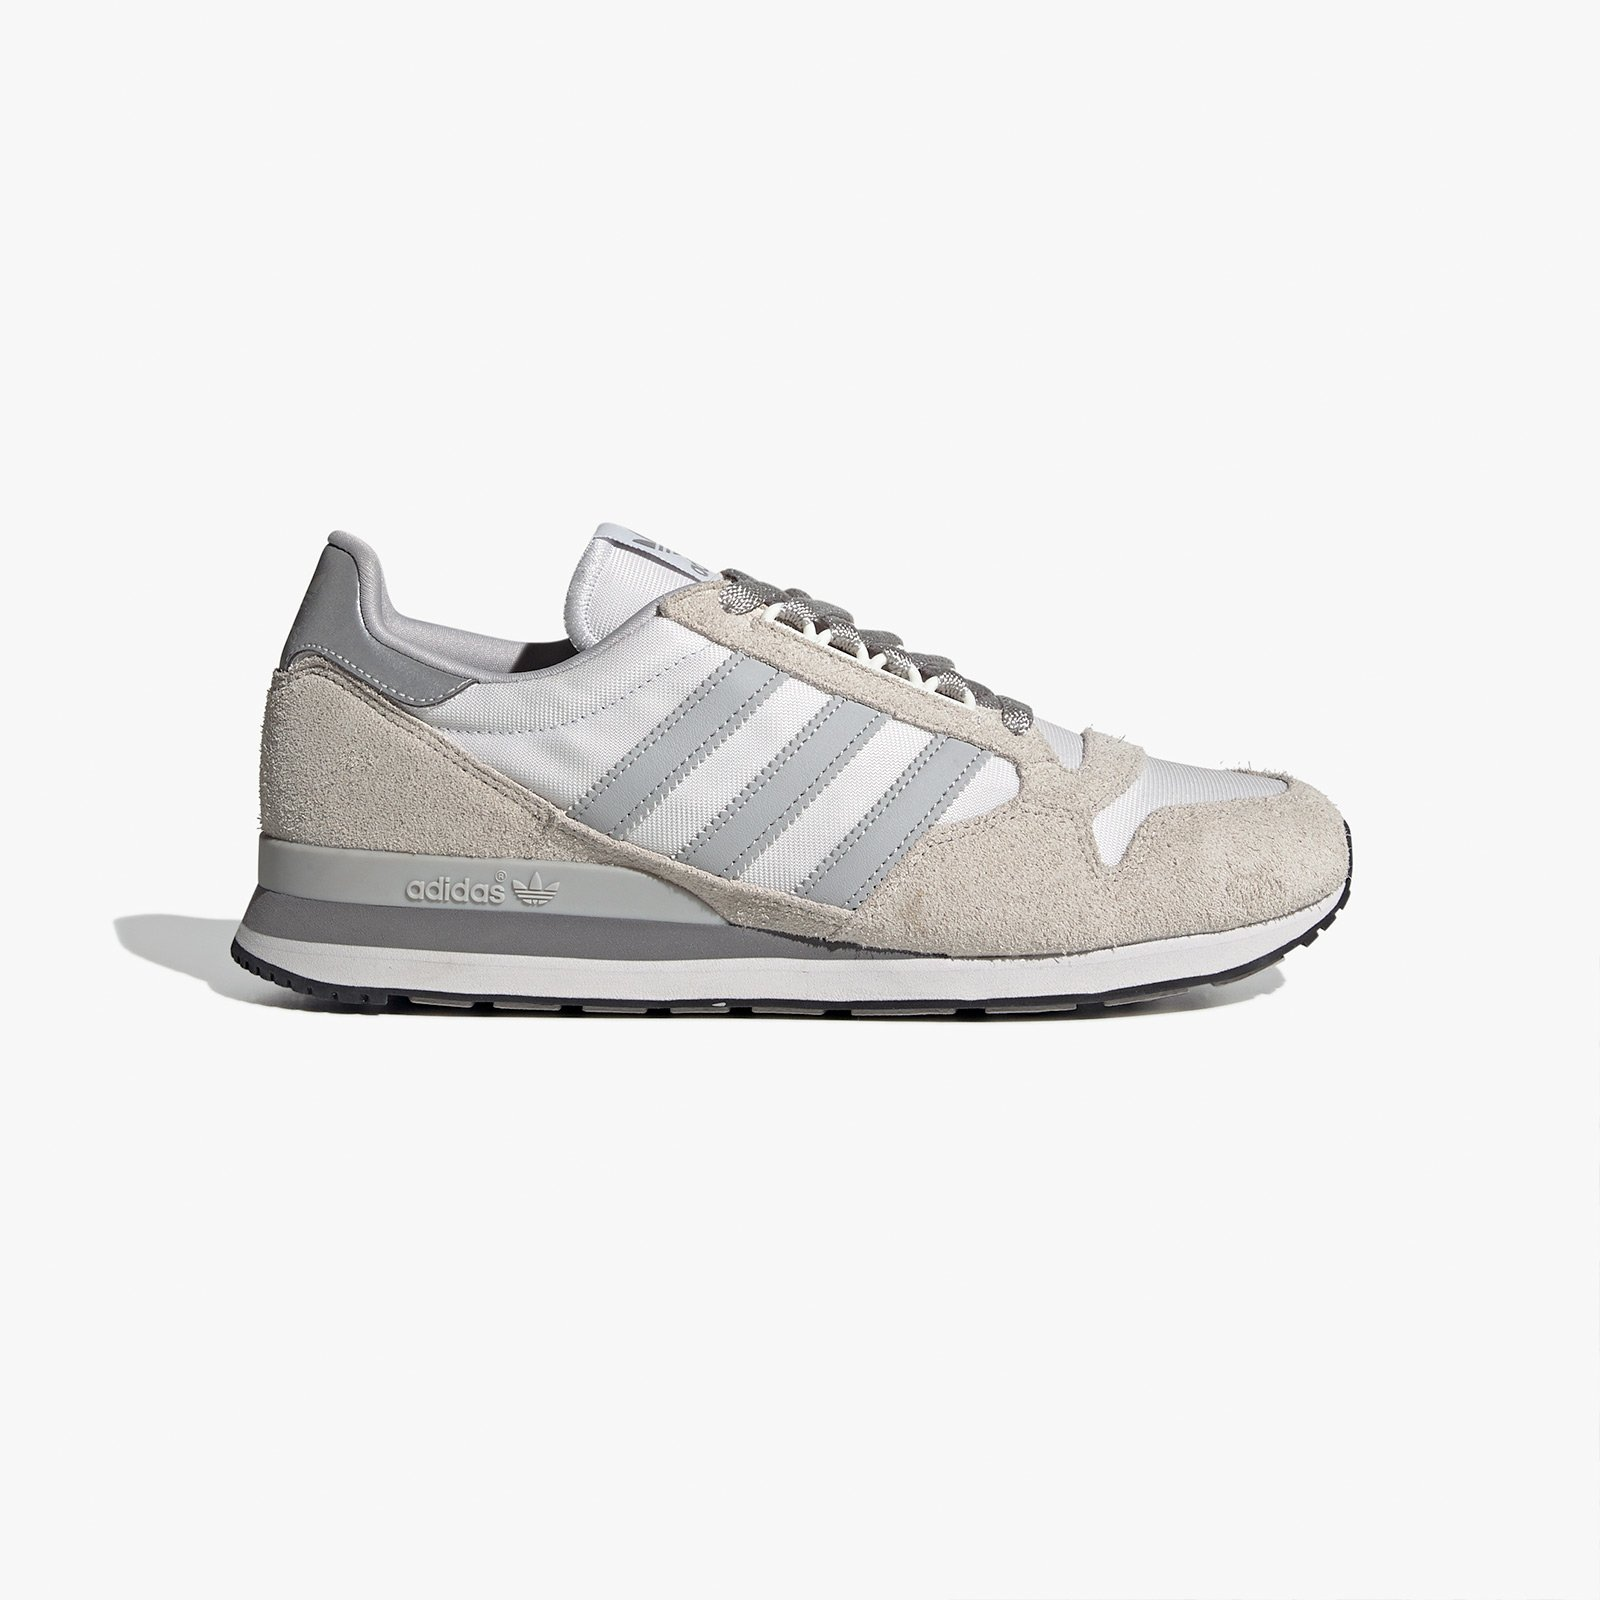 adidas ZX 500 - Fw2810 - SNS | sneakers & streetwear online since 1999